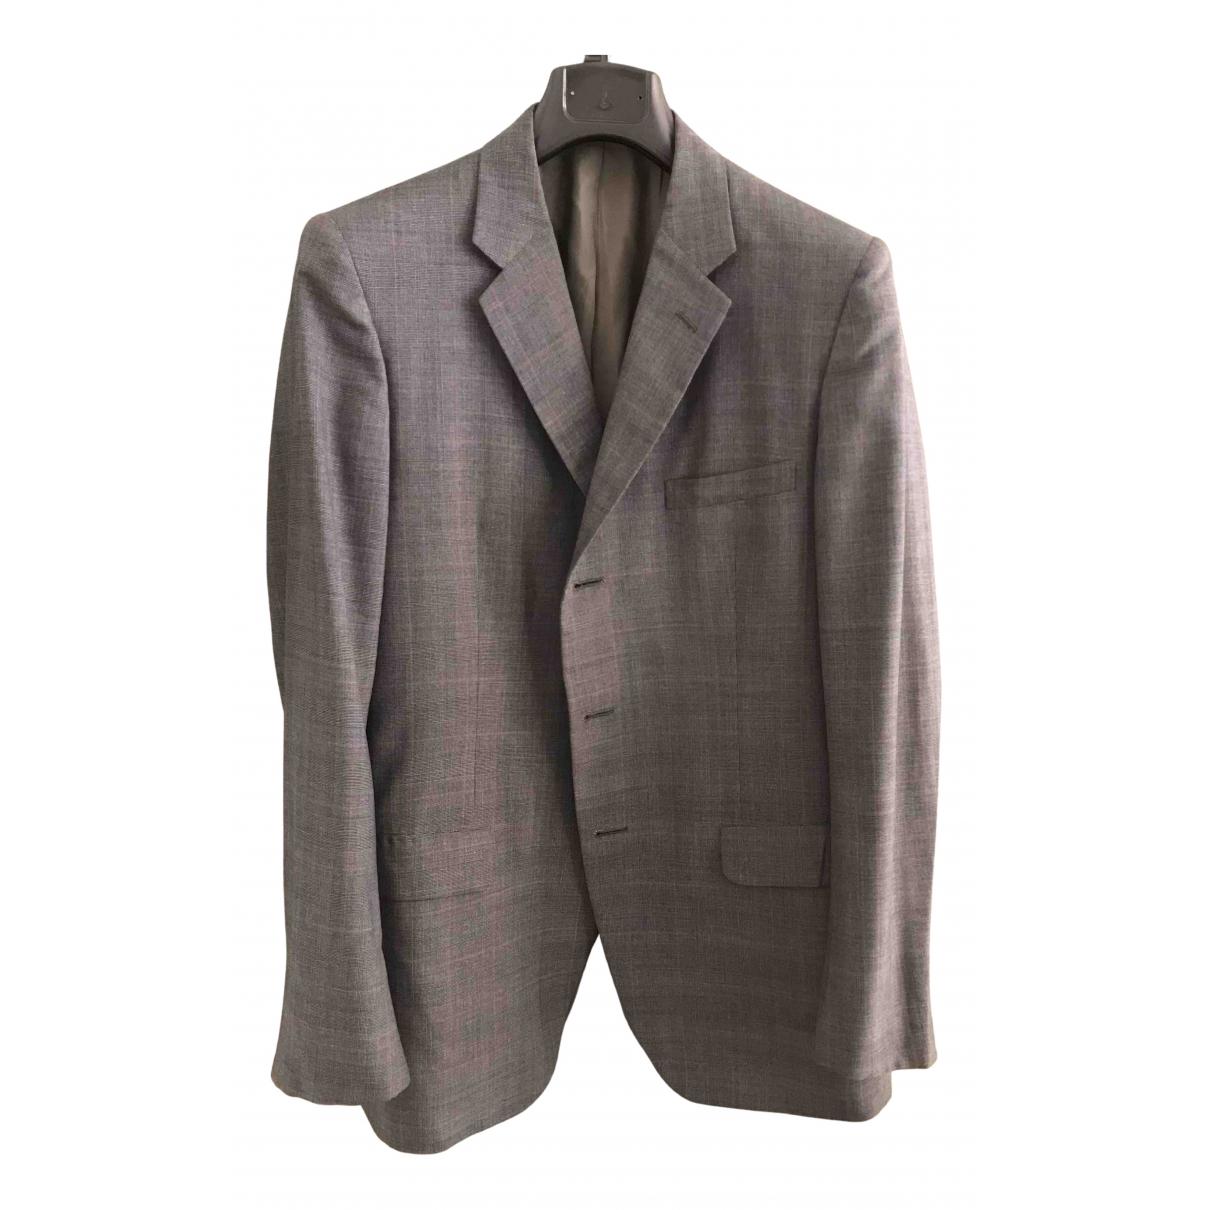 Arnys - Vestes.Blousons   pour homme en laine - gris